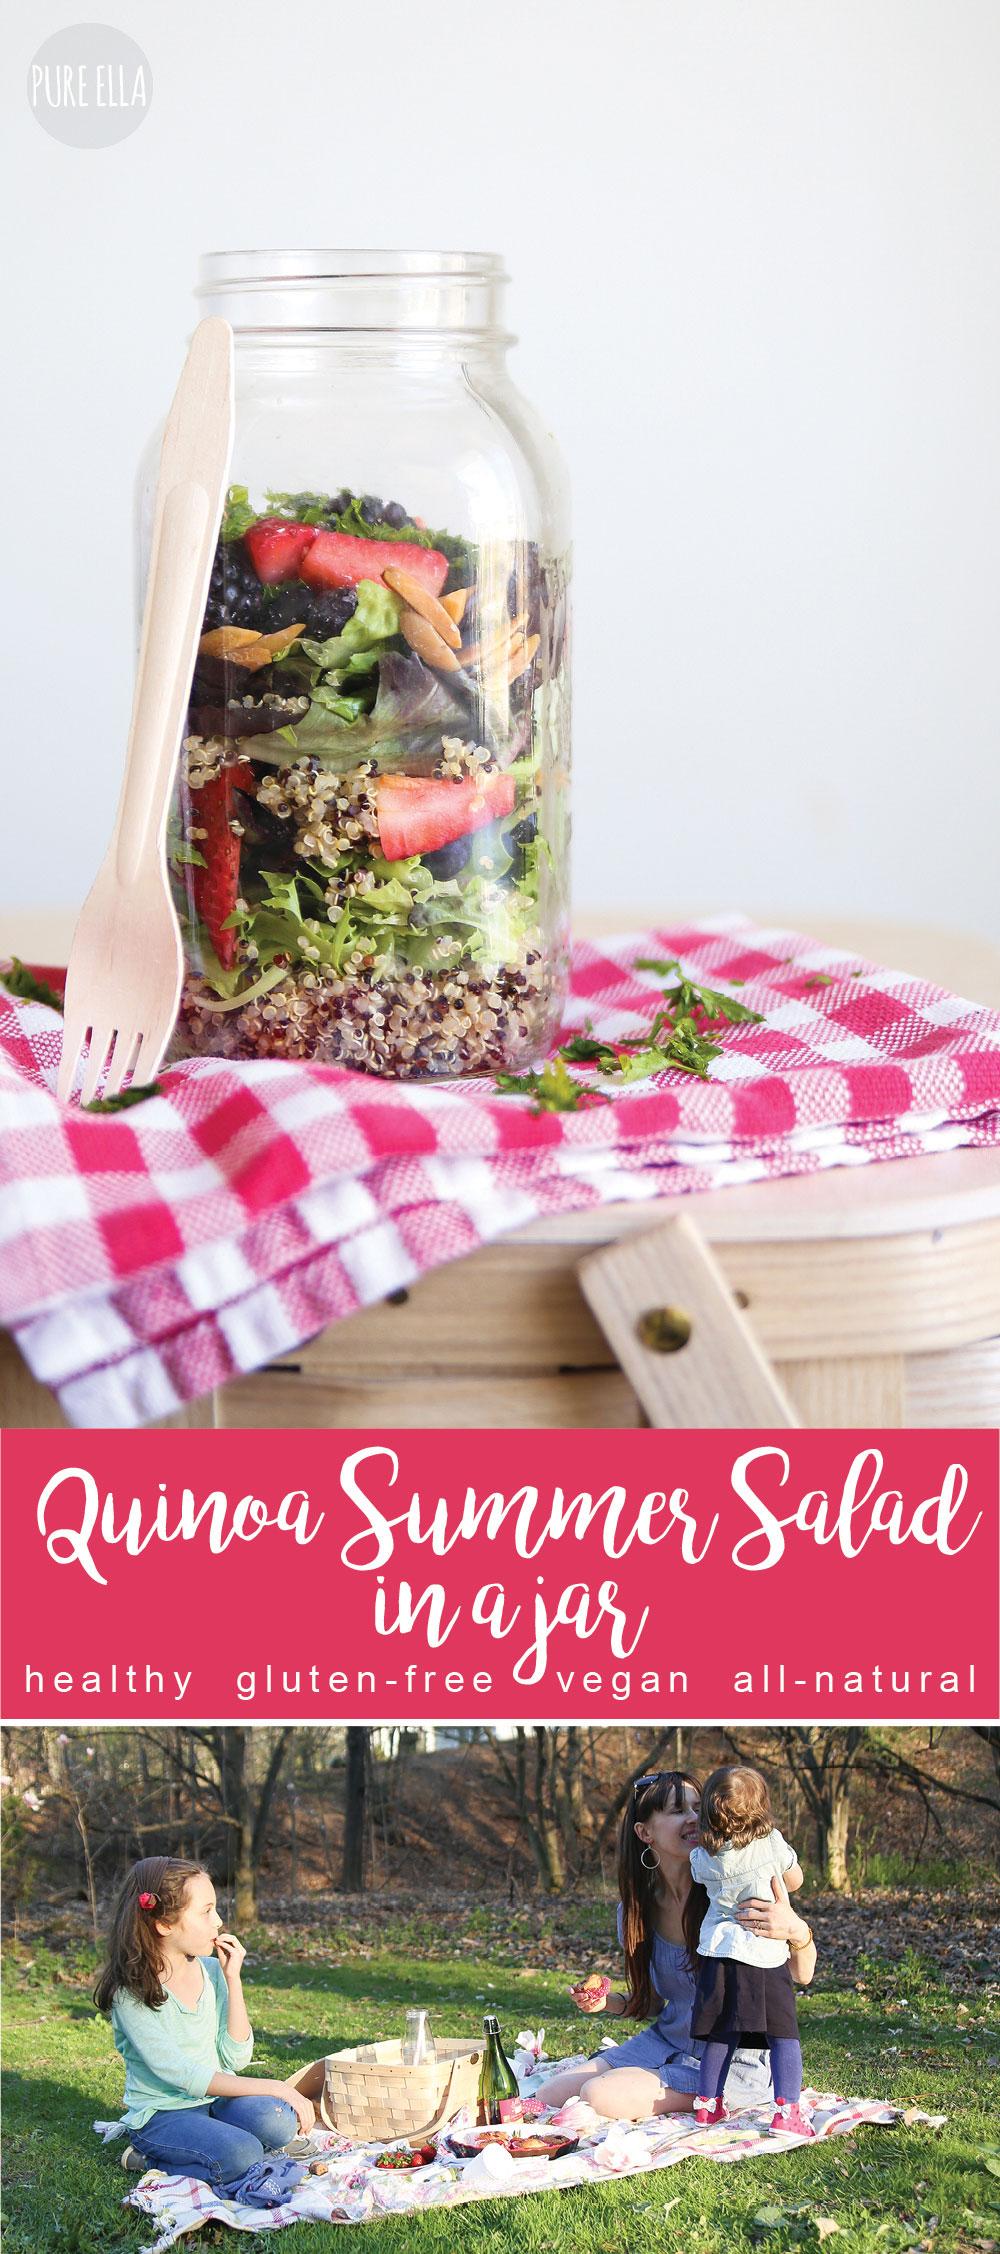 Ella-Leche-Pure-Ella-Quinoa-Summer-Salad-in-a-jar3